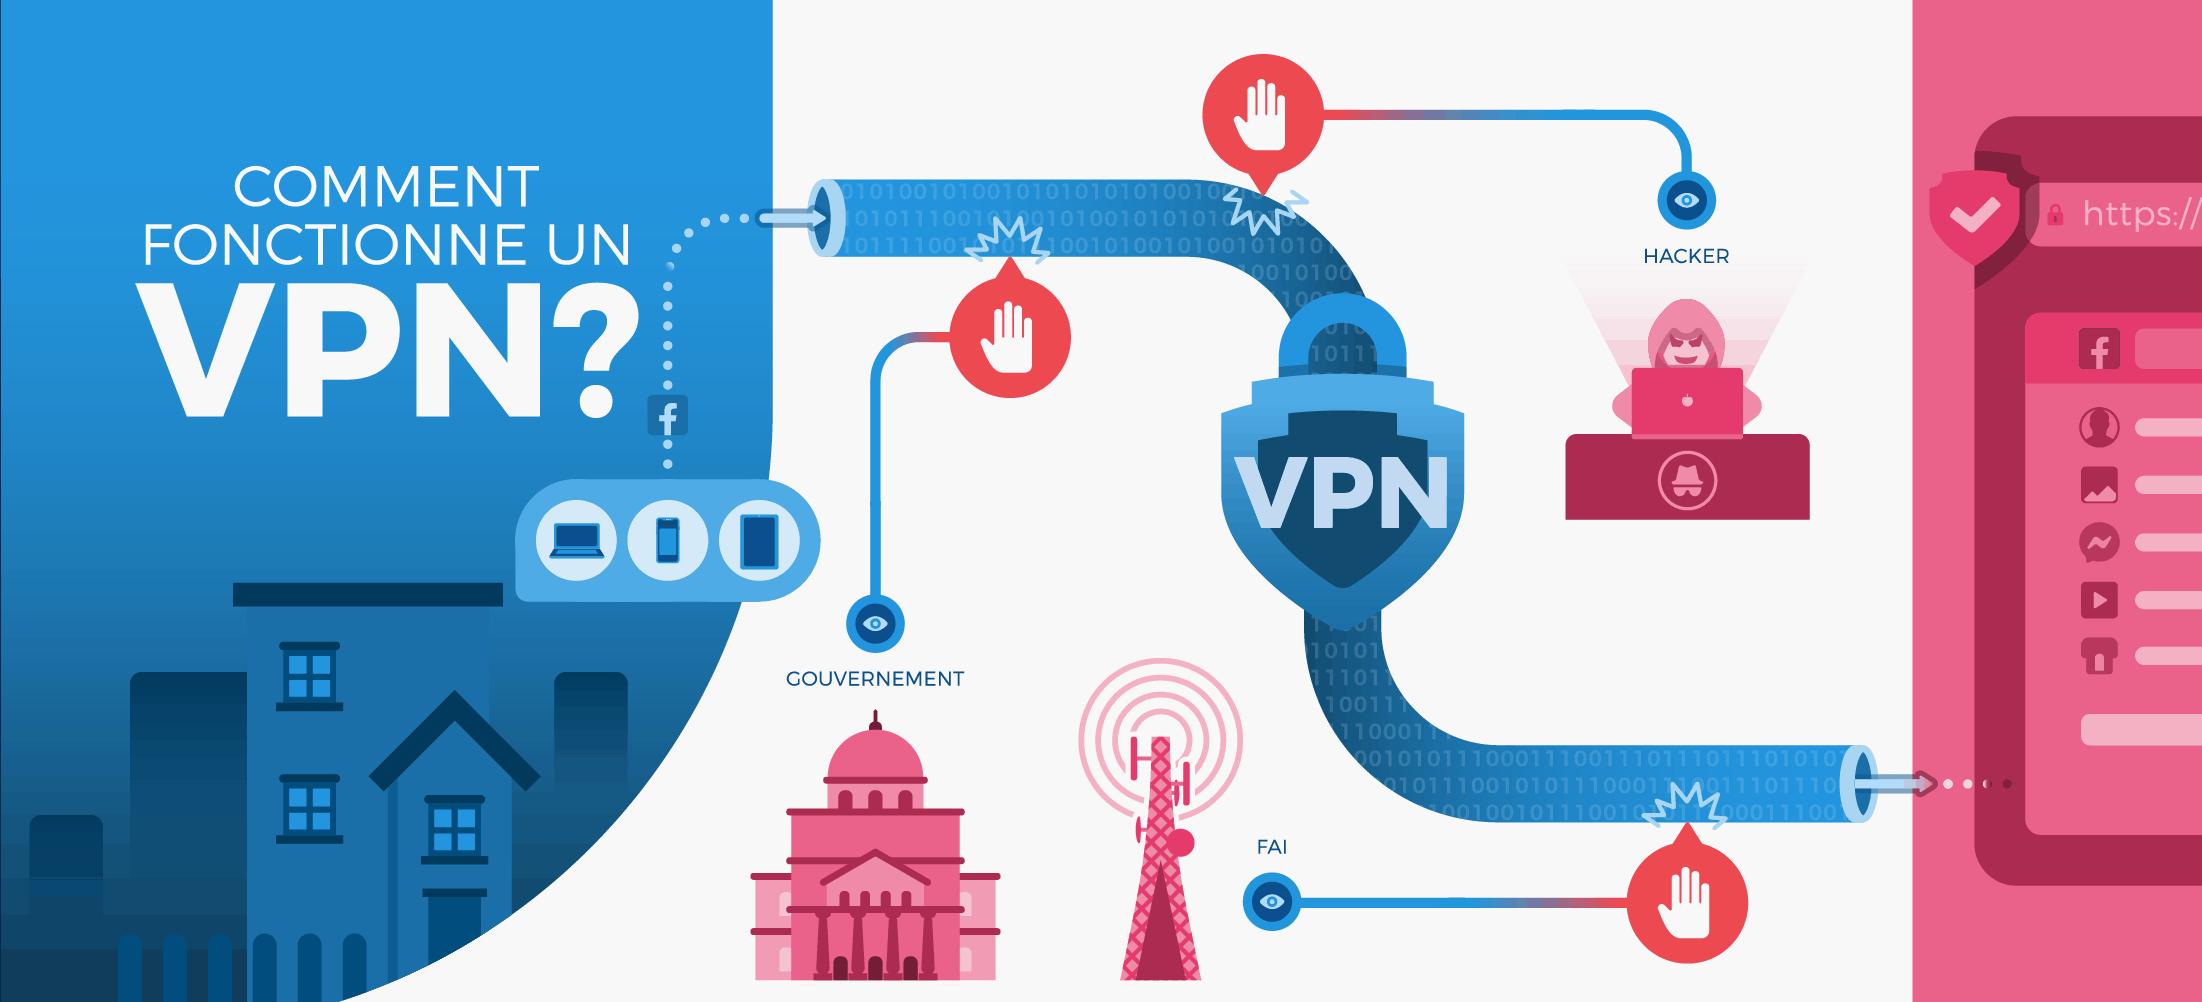 Comment fonctionne un VPN